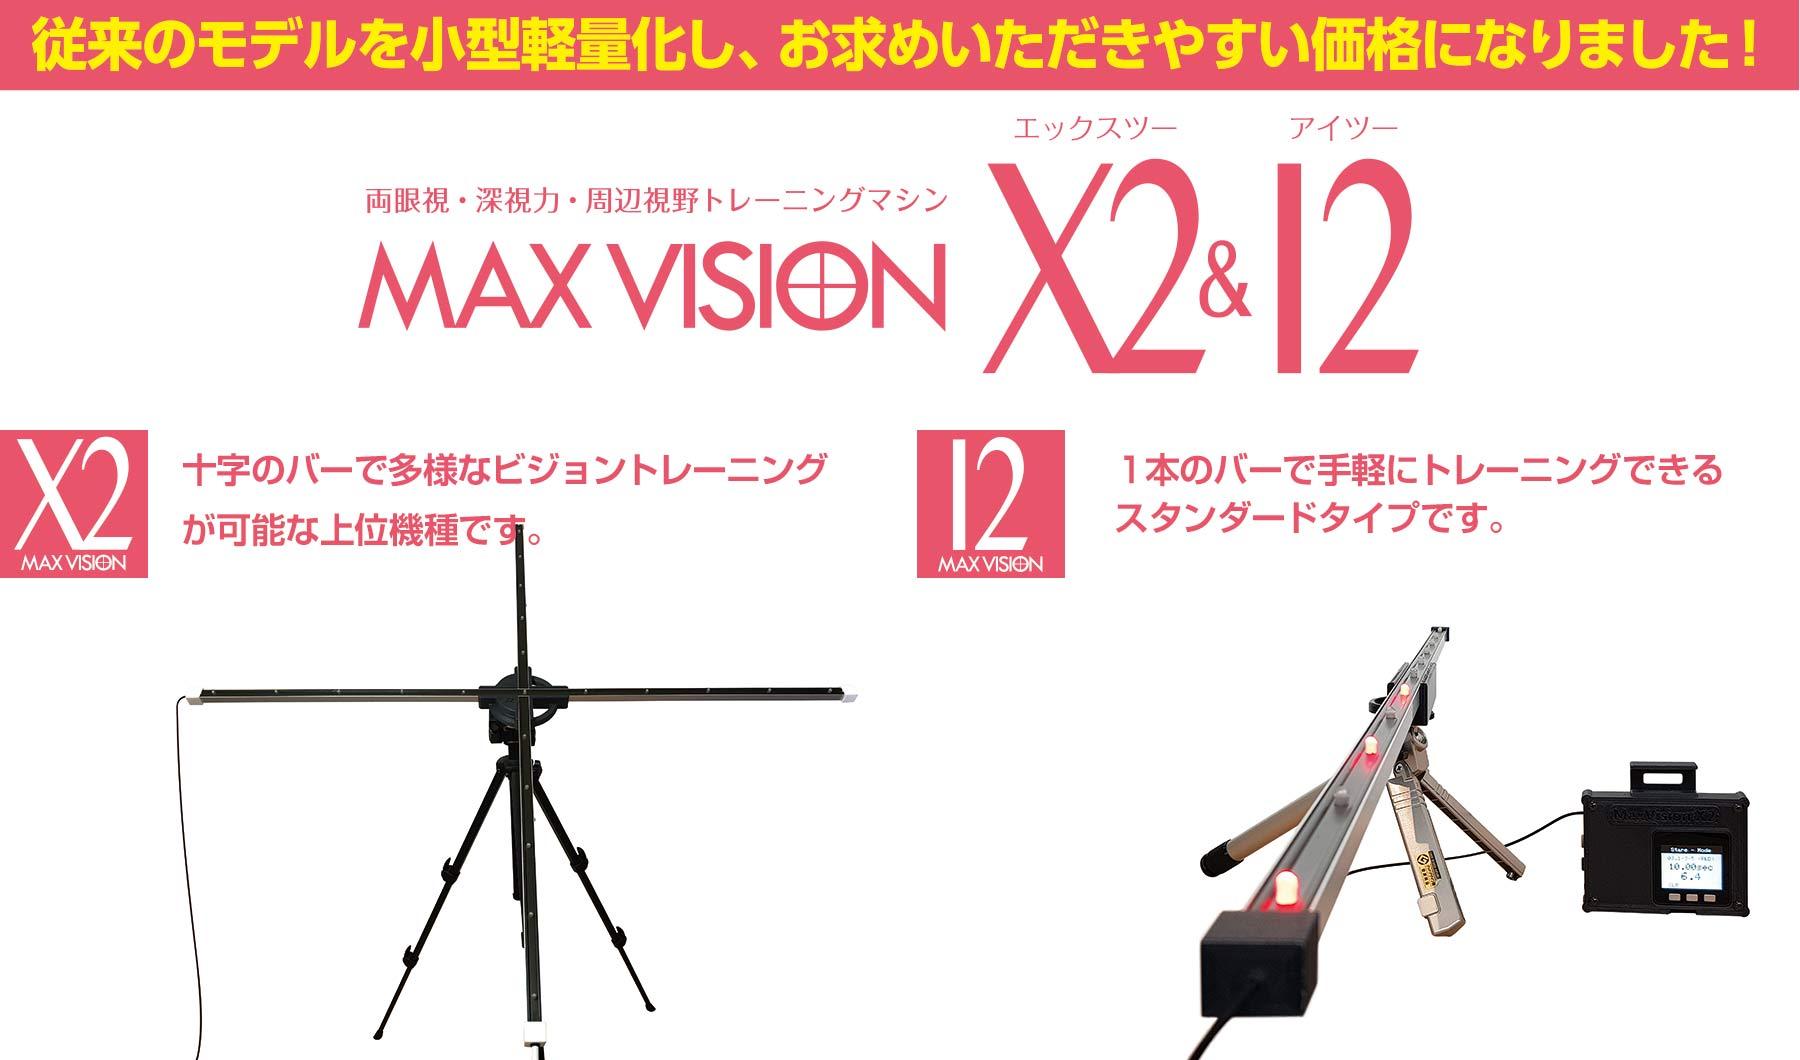 マックスビジョンX2 I2|両眼視&深視力&周辺視野トレーニングマシン